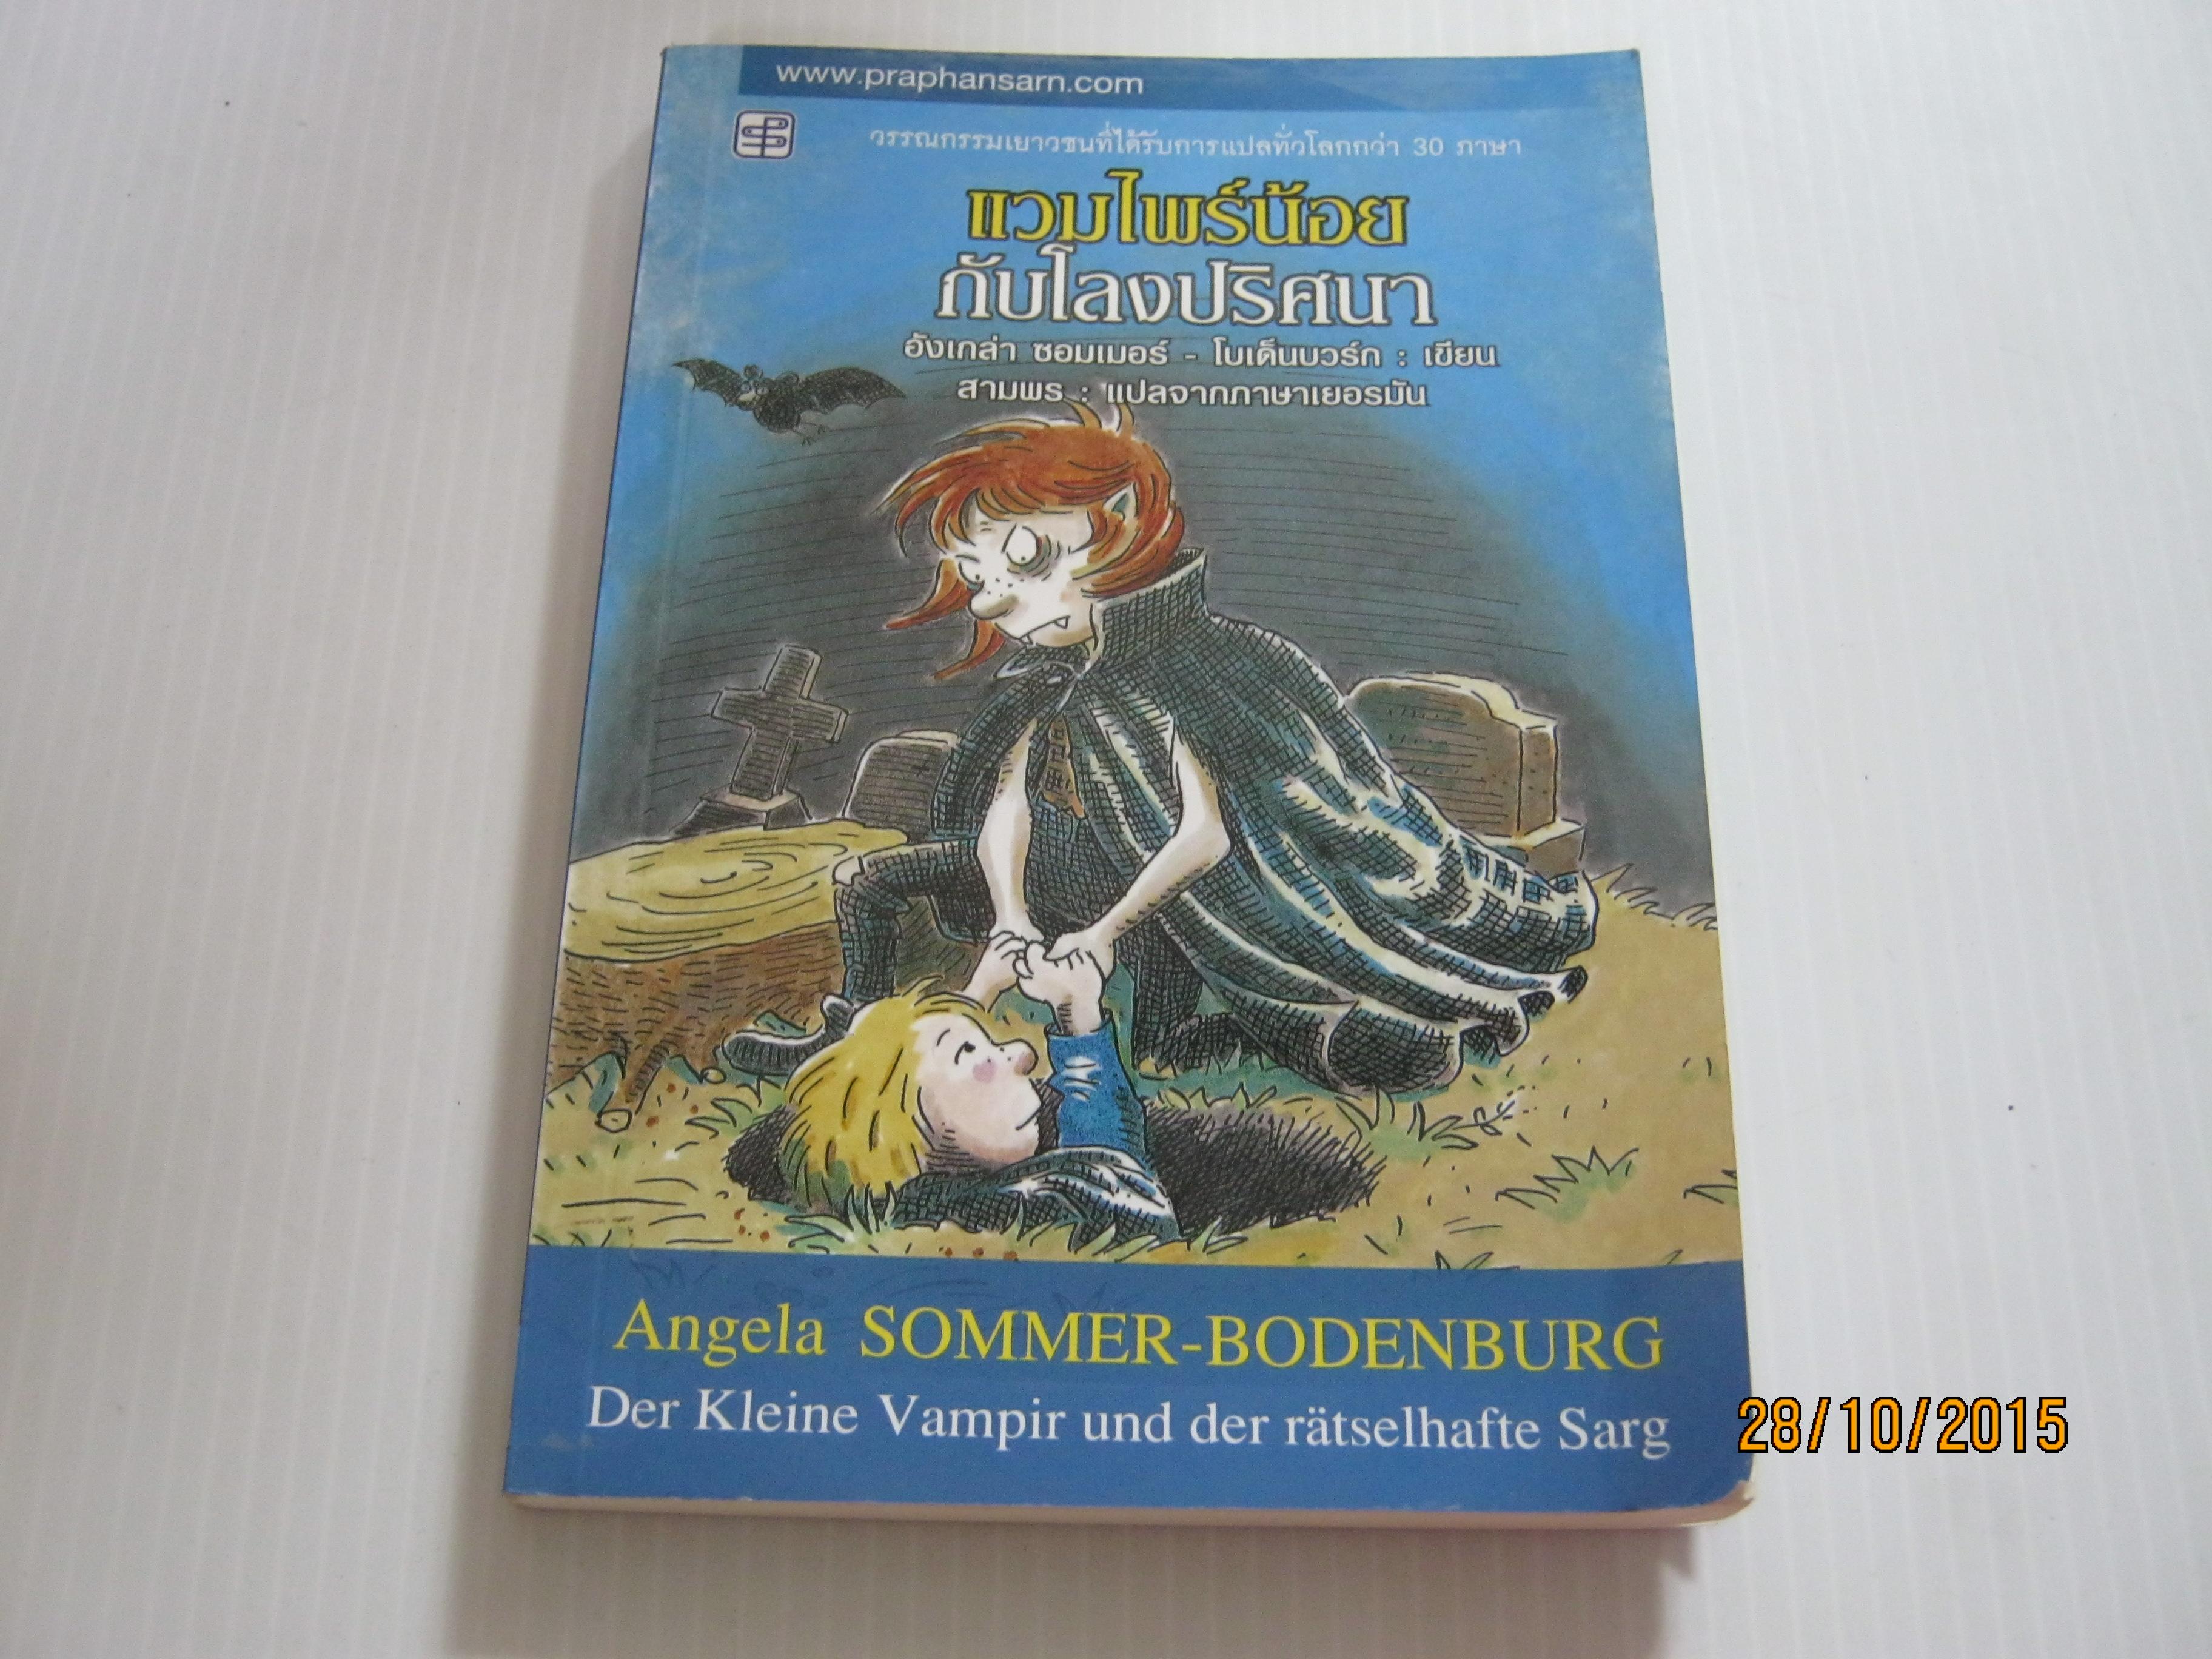 แวมไพร์น้อยกับโลงปริศนา อังเกล่า ซอมเมอร์-โบเด็นบวร์ก เขียน สามพร แปลจากภาษาเยอรมัน